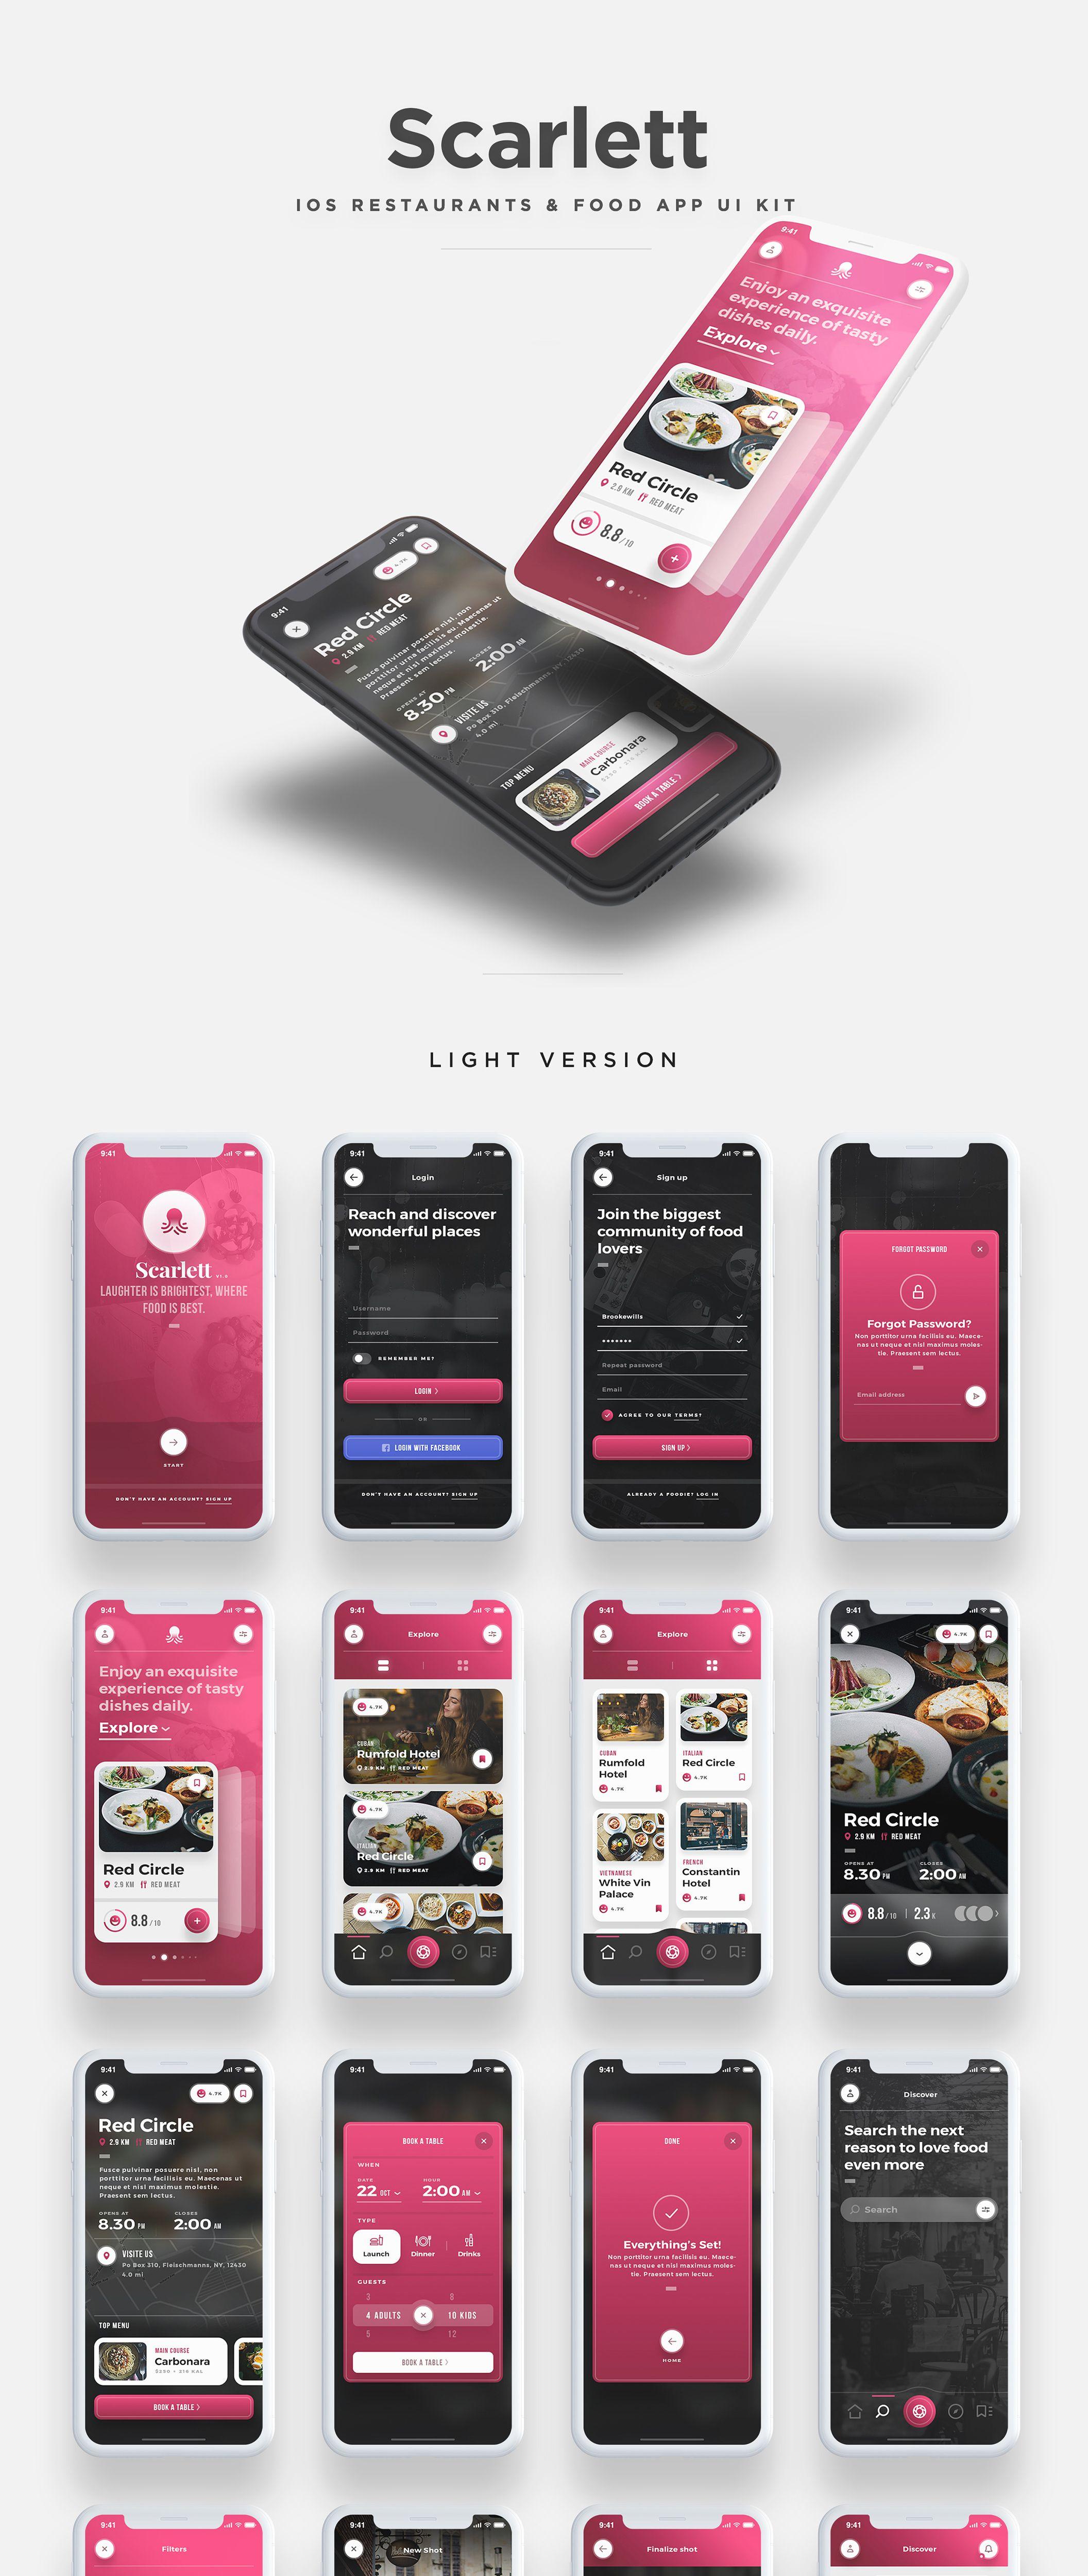 Scarlett Mobile UI kit — UI Kits on UI8 | UX | UI Design